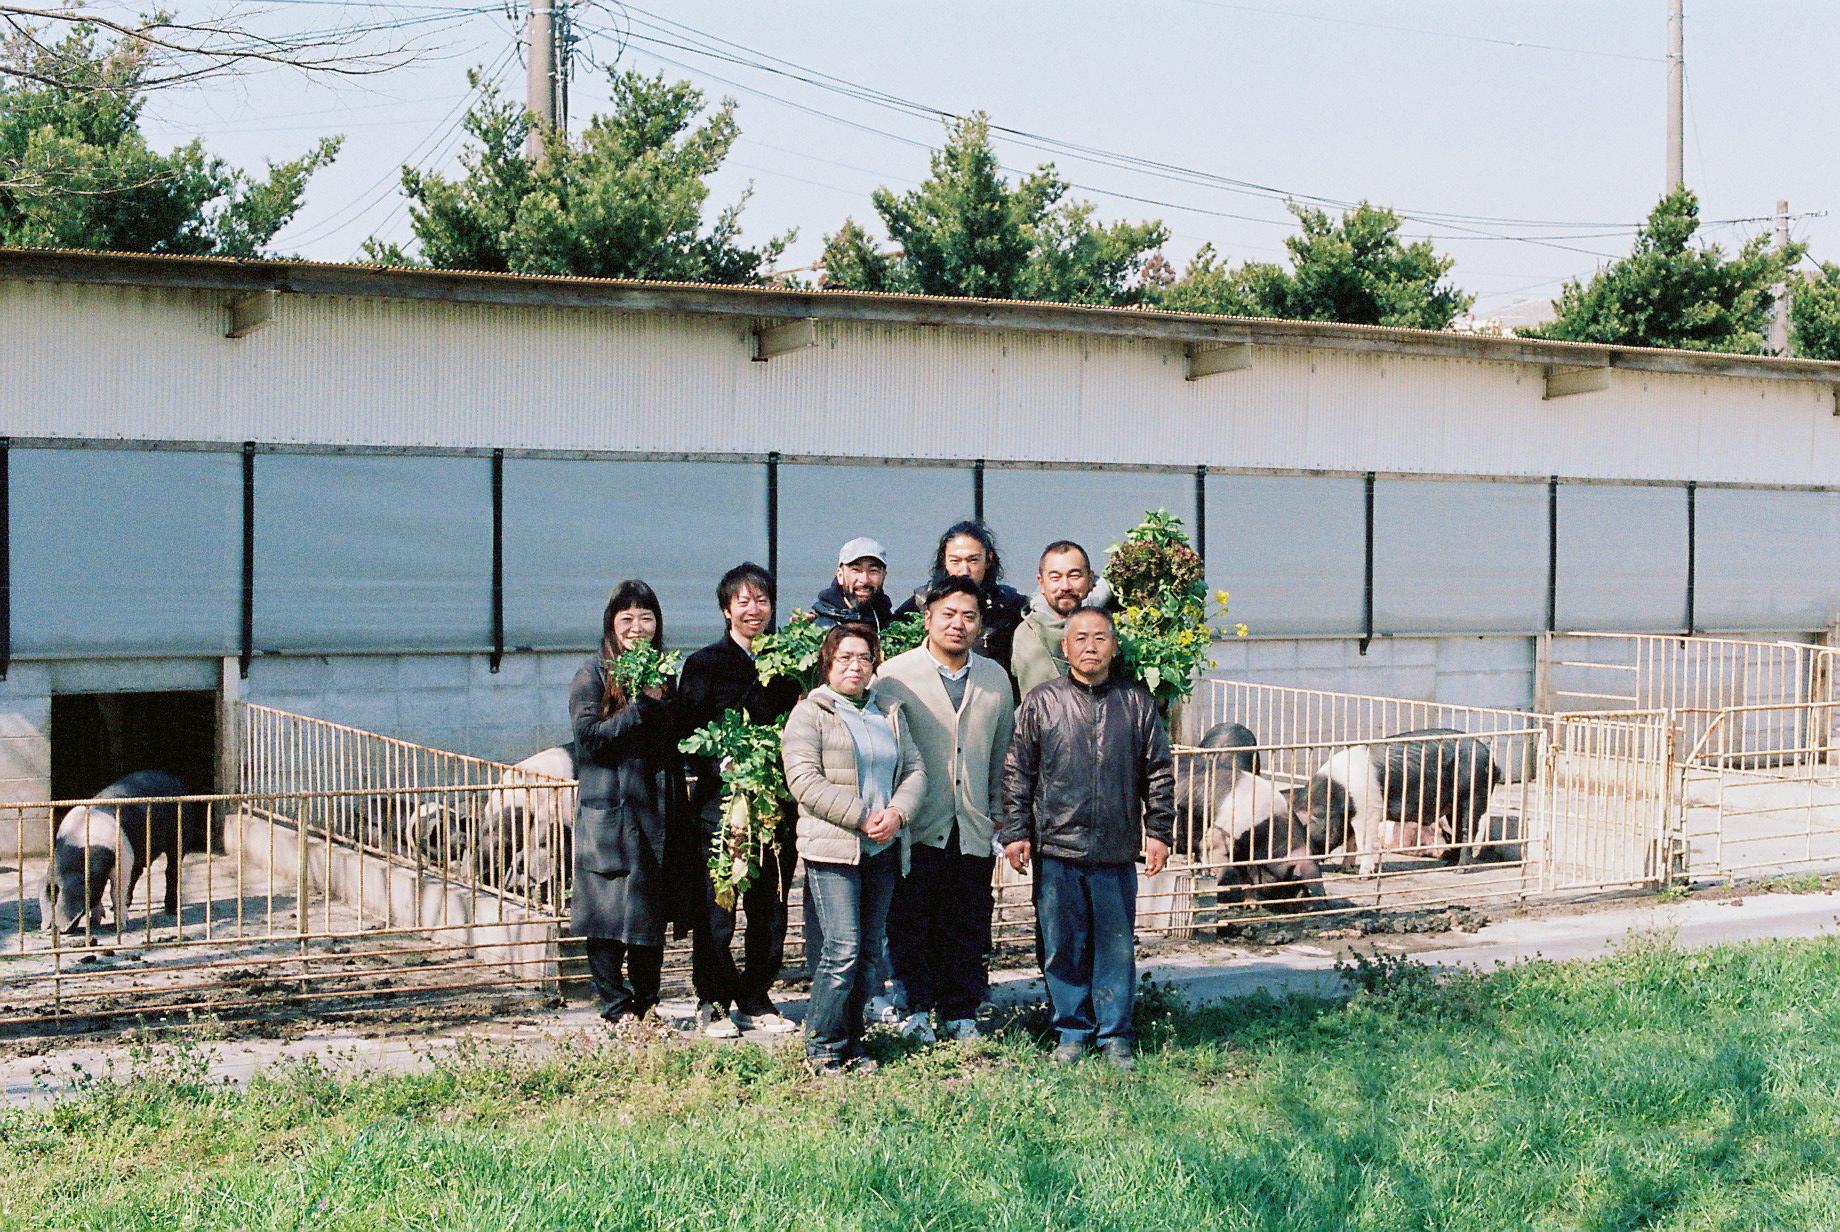 ふくどめ少牧場のご家族とサドルバックと一緒に記念撮影  。